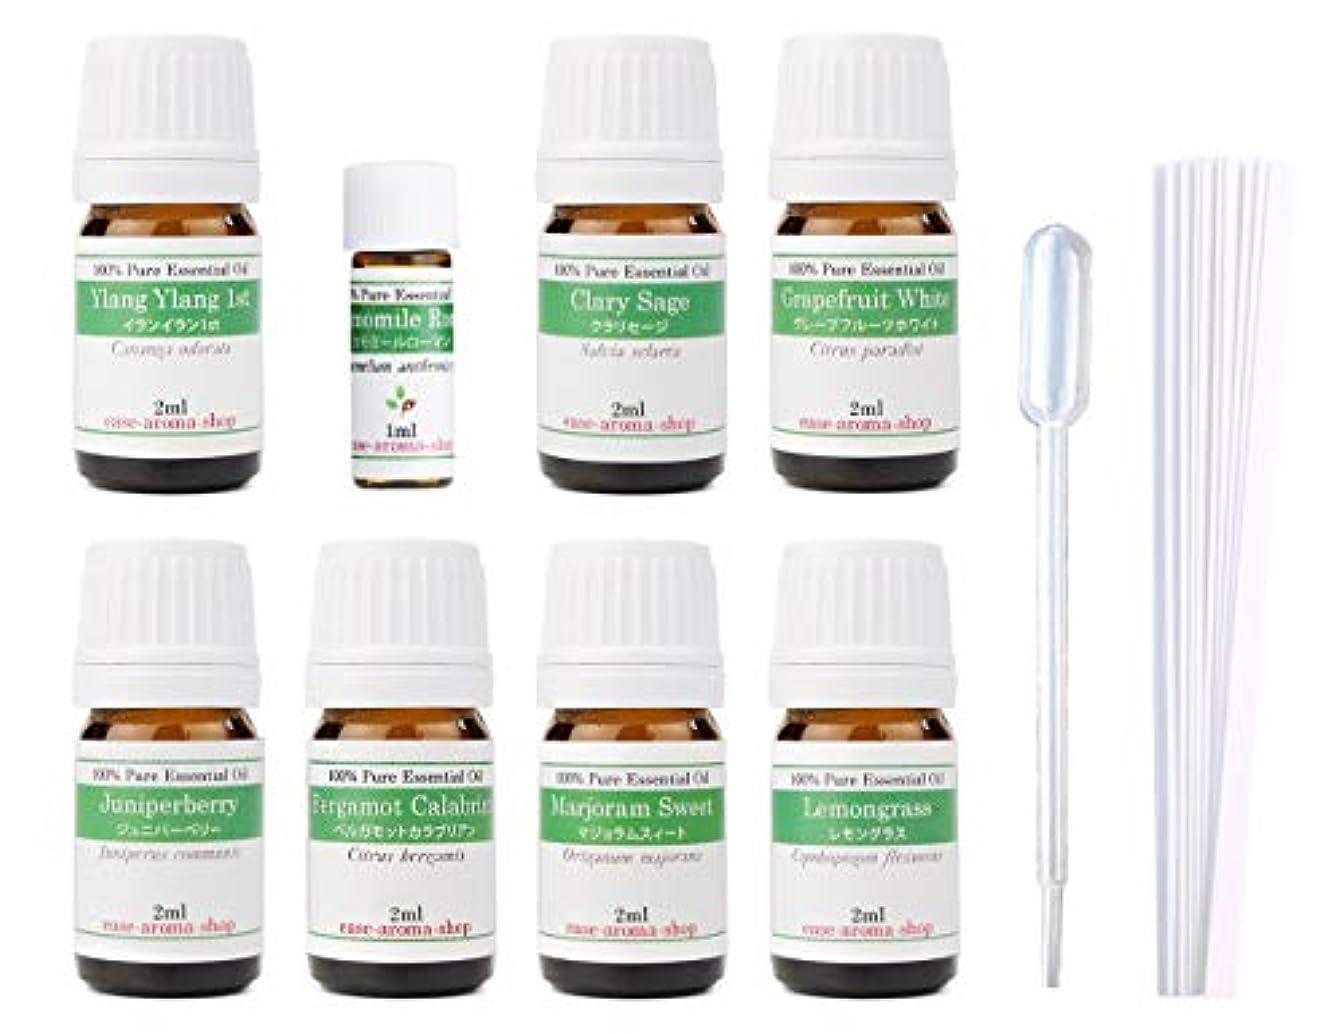 疲れた端名誉ある【2019年改訂版】ease AEAJアロマテラピー検定香りテスト対象精油セット 揃えておきたい基本の精油 1級 8本セット各2ml